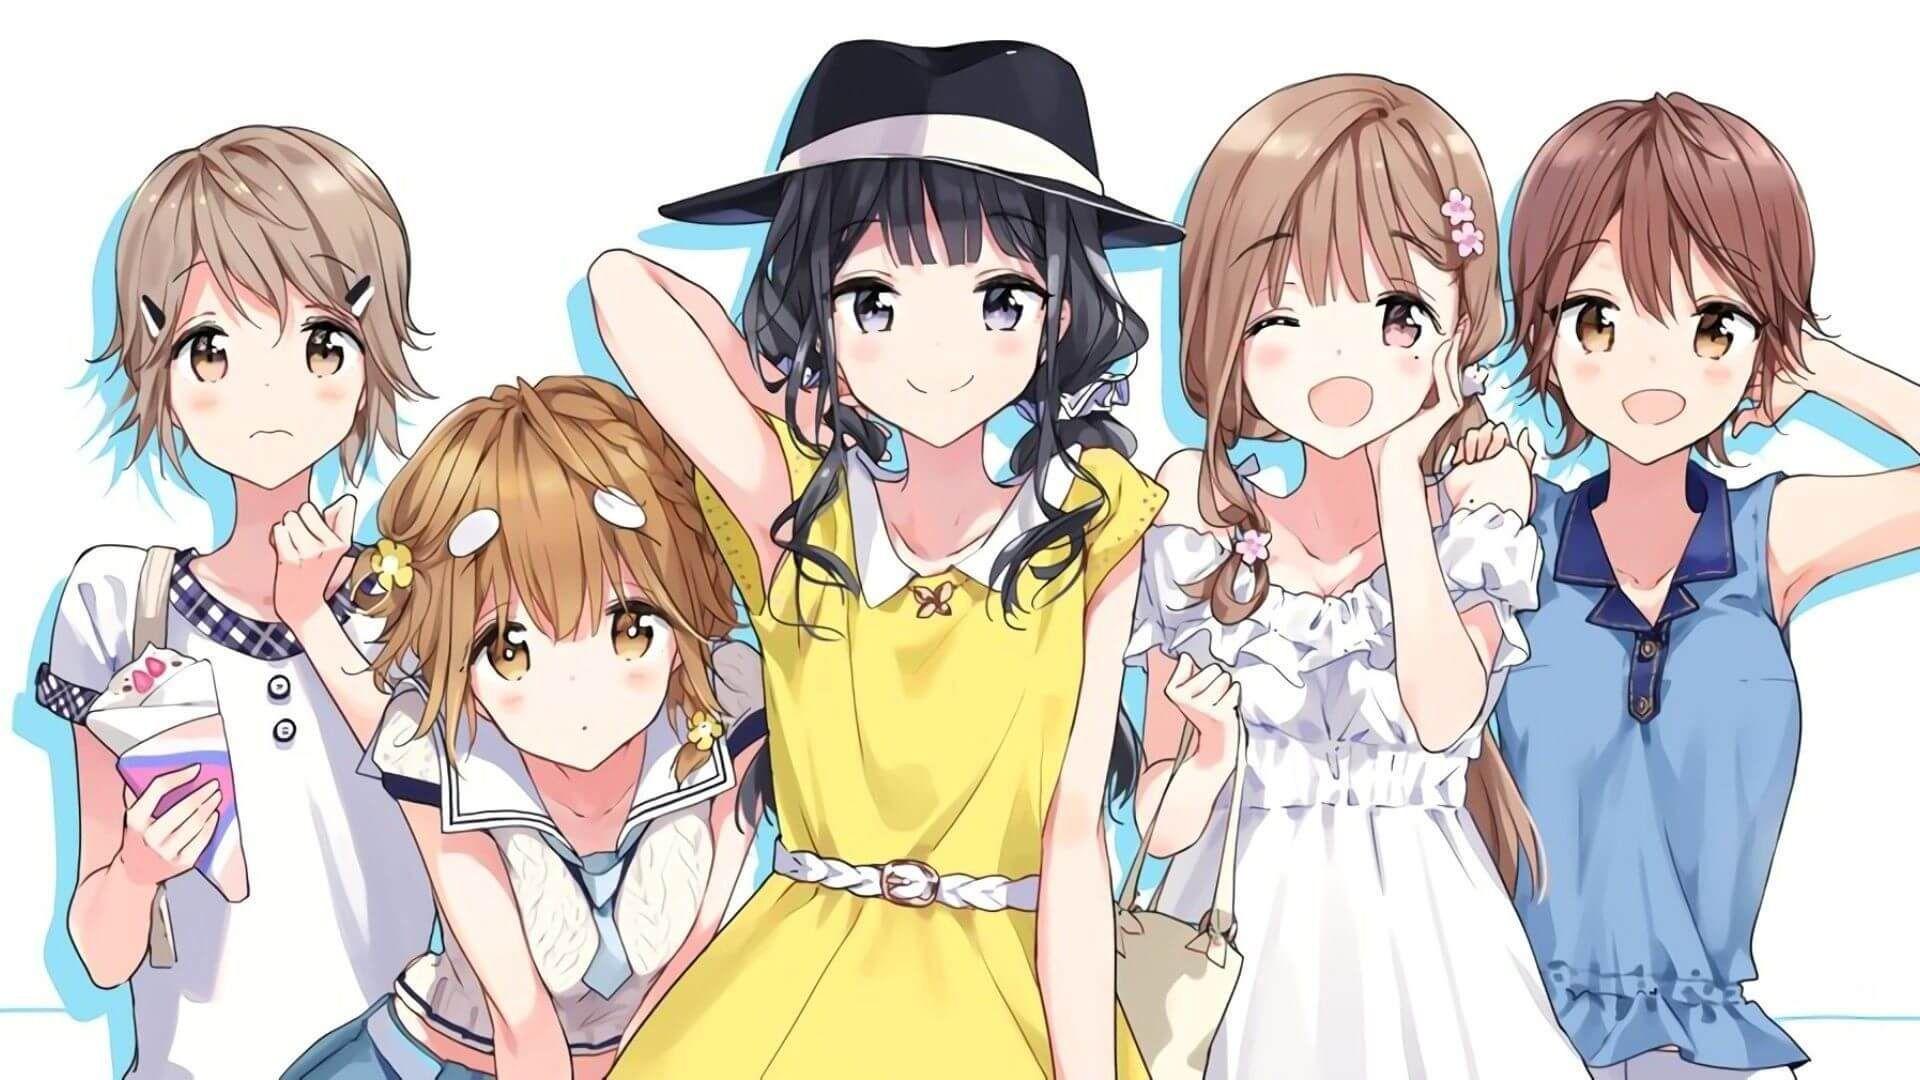 Pin oleh fauzi amar di News Seni anime, Manga, dan Seni